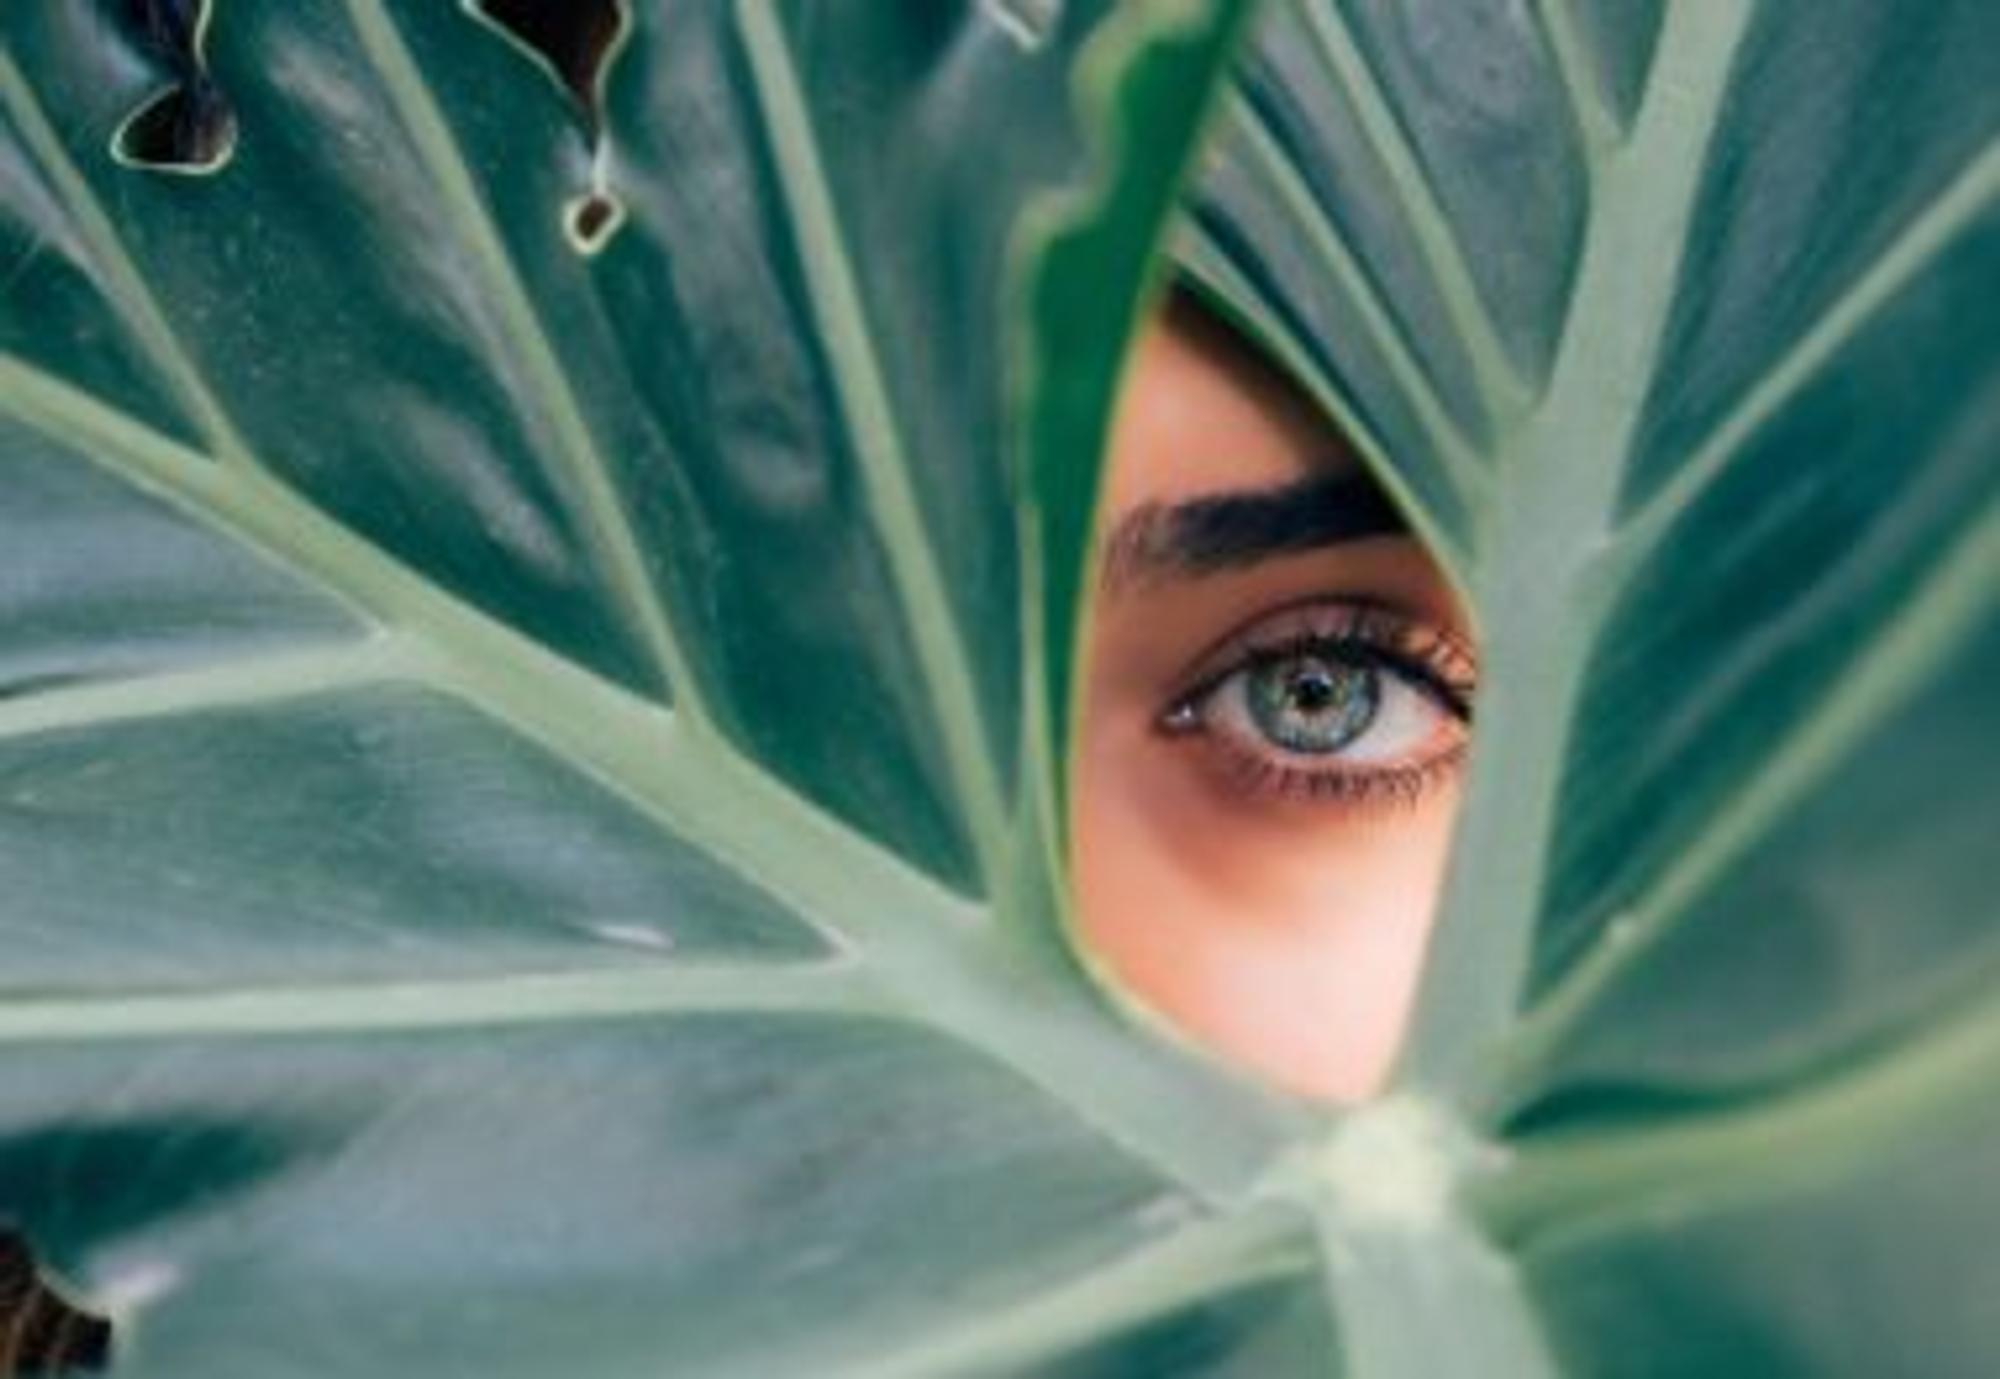 Das Auge einer Frau blickt durch Blätter hindurch. Ist auch ihr drittes Auge geöffnet?